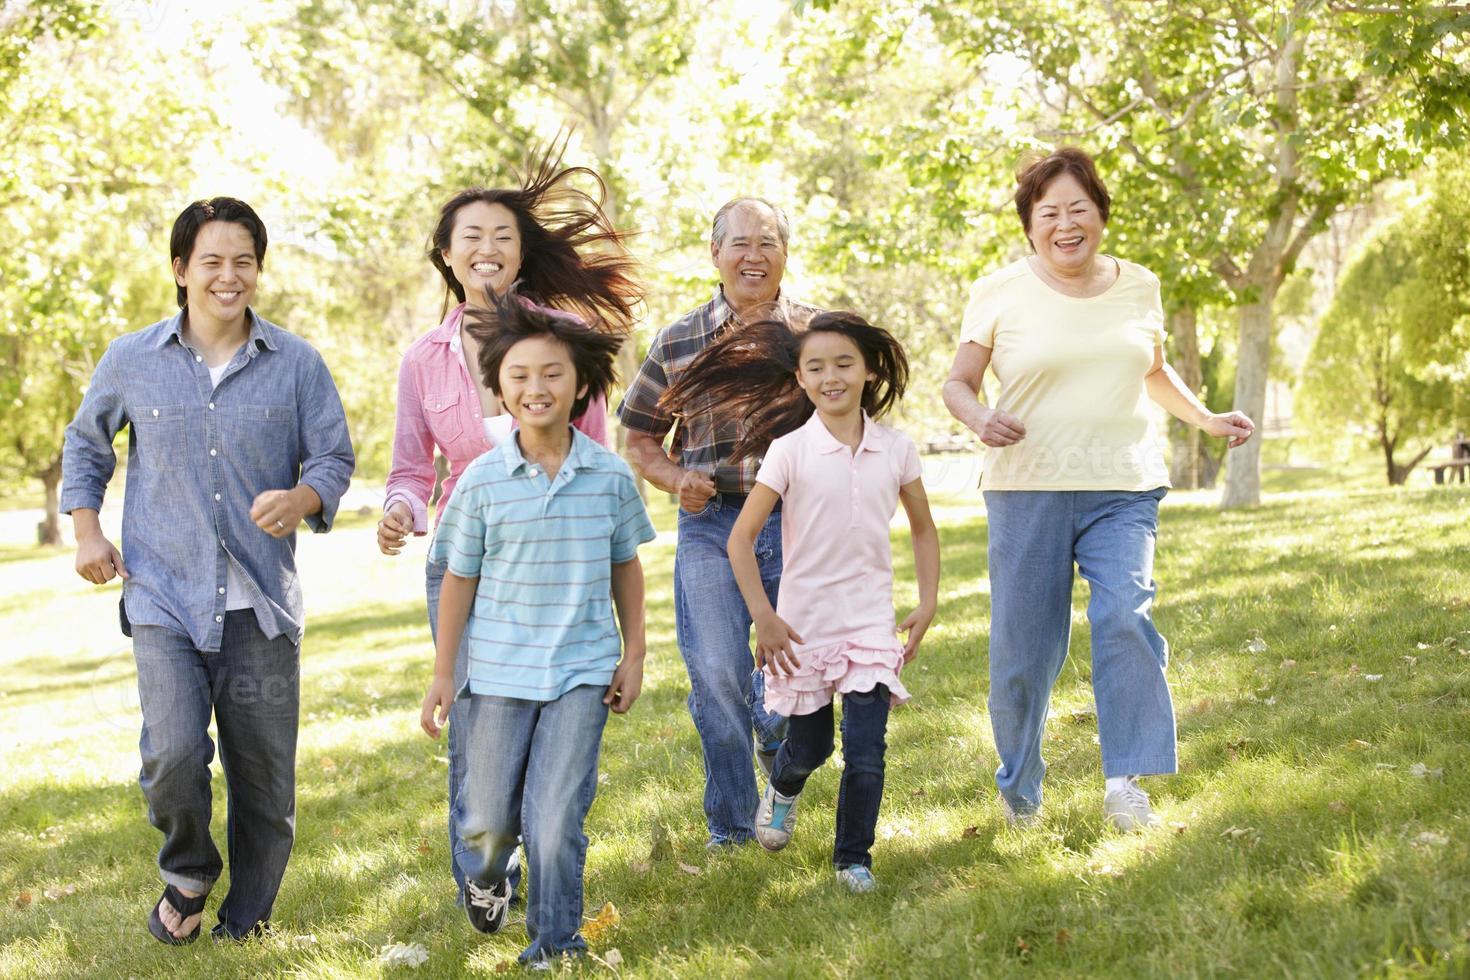 asiatische Familie mit mehreren Generationen, die im Park läuft foto